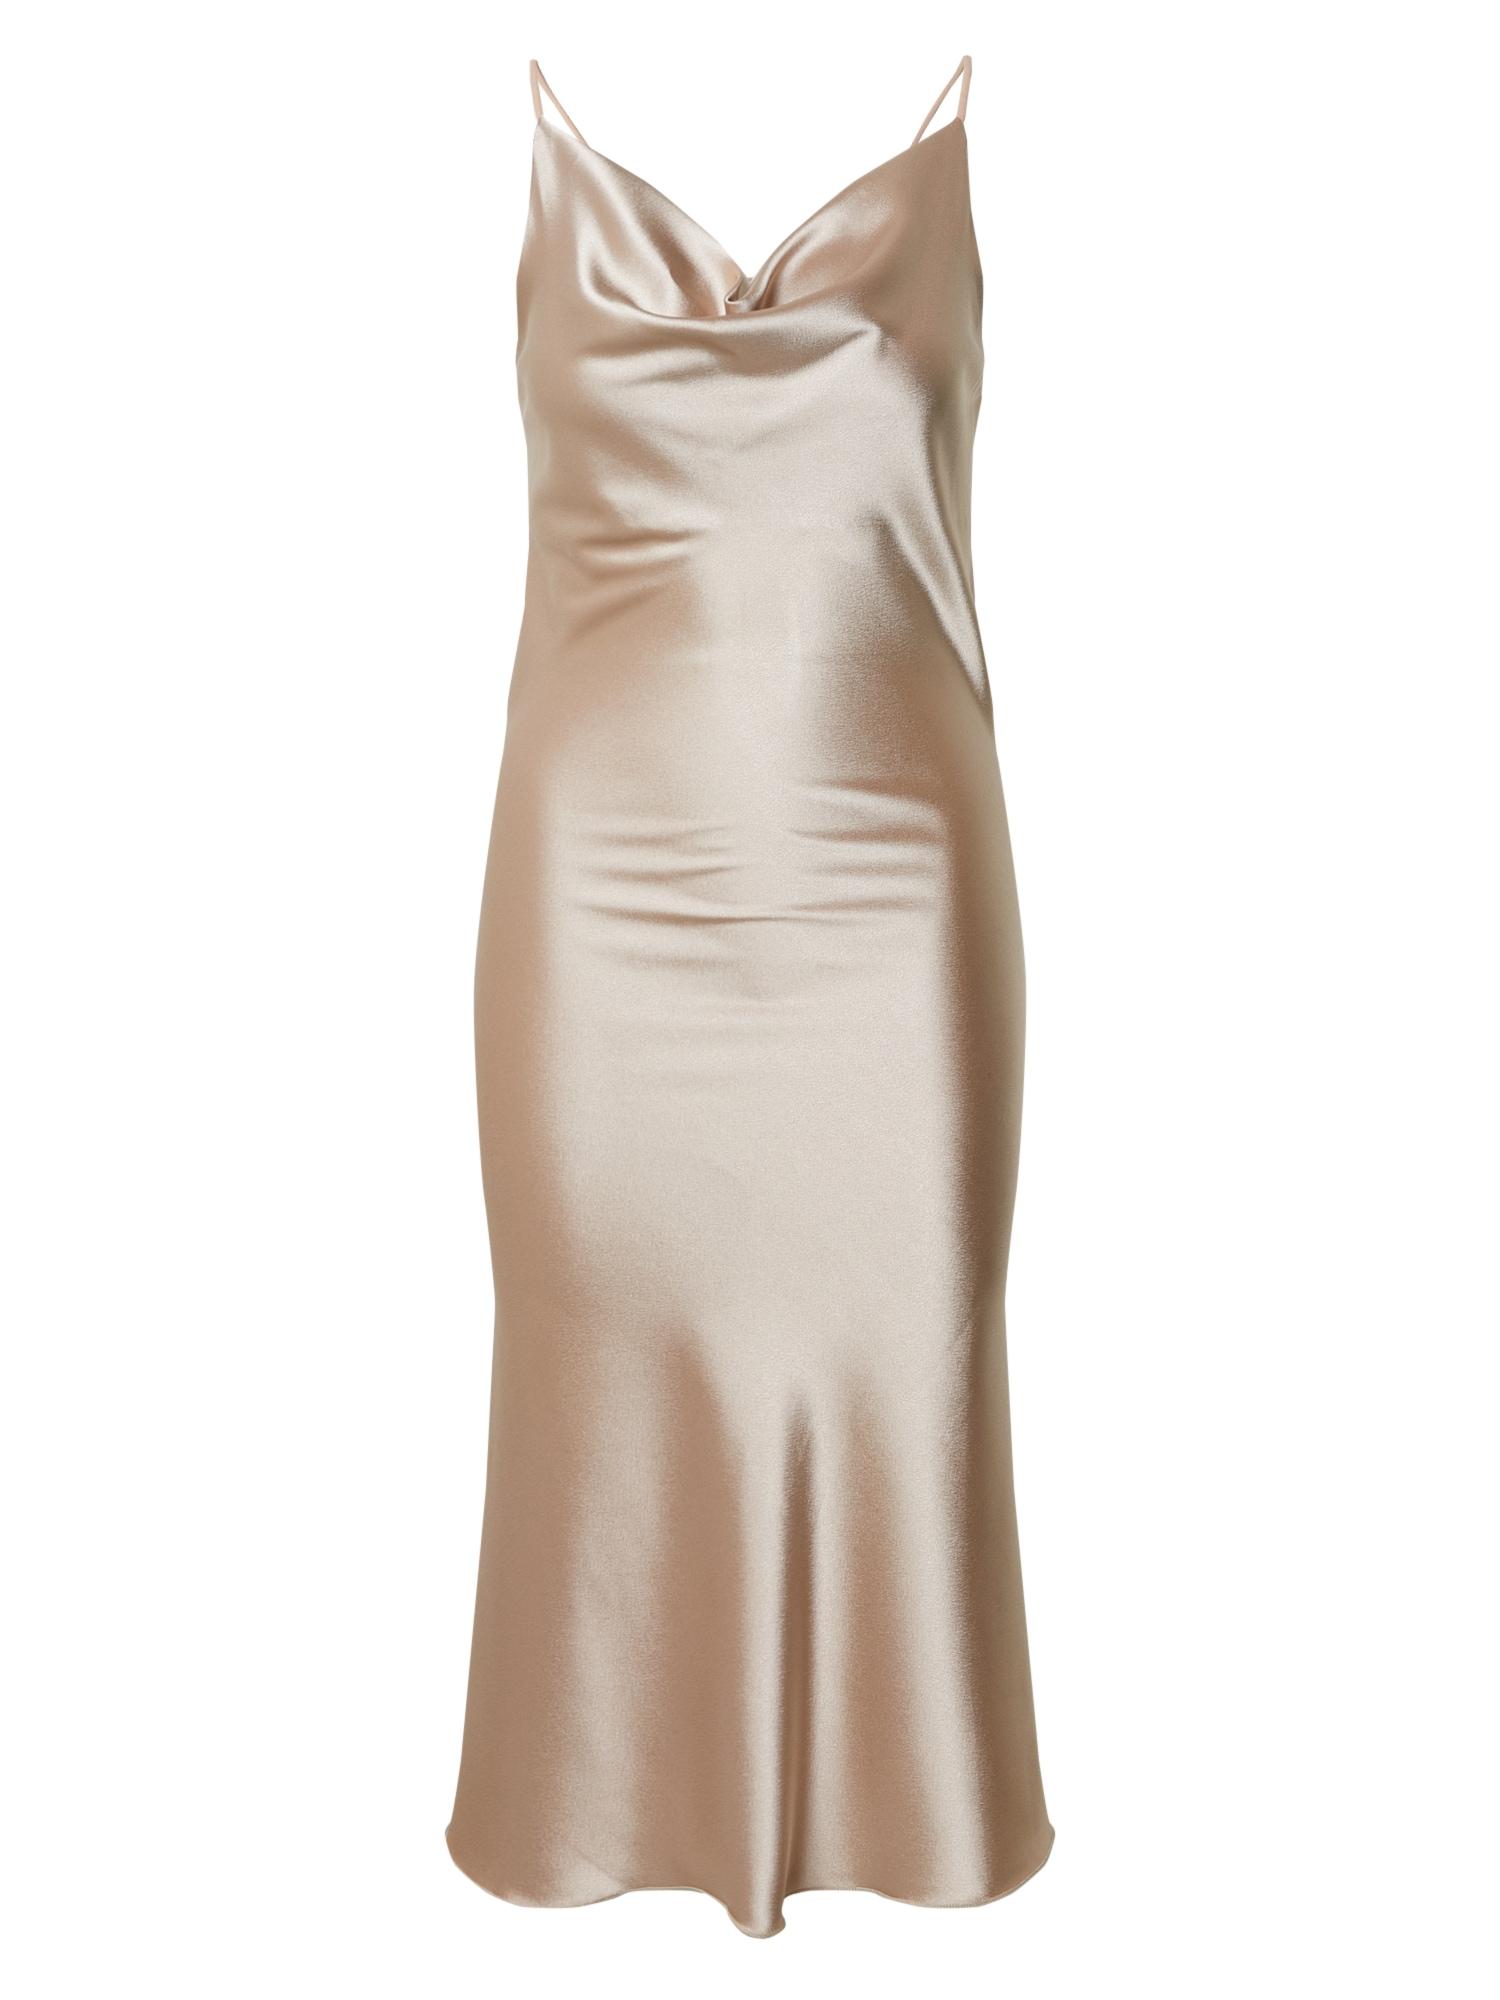 WAL G. Suknelė šampano